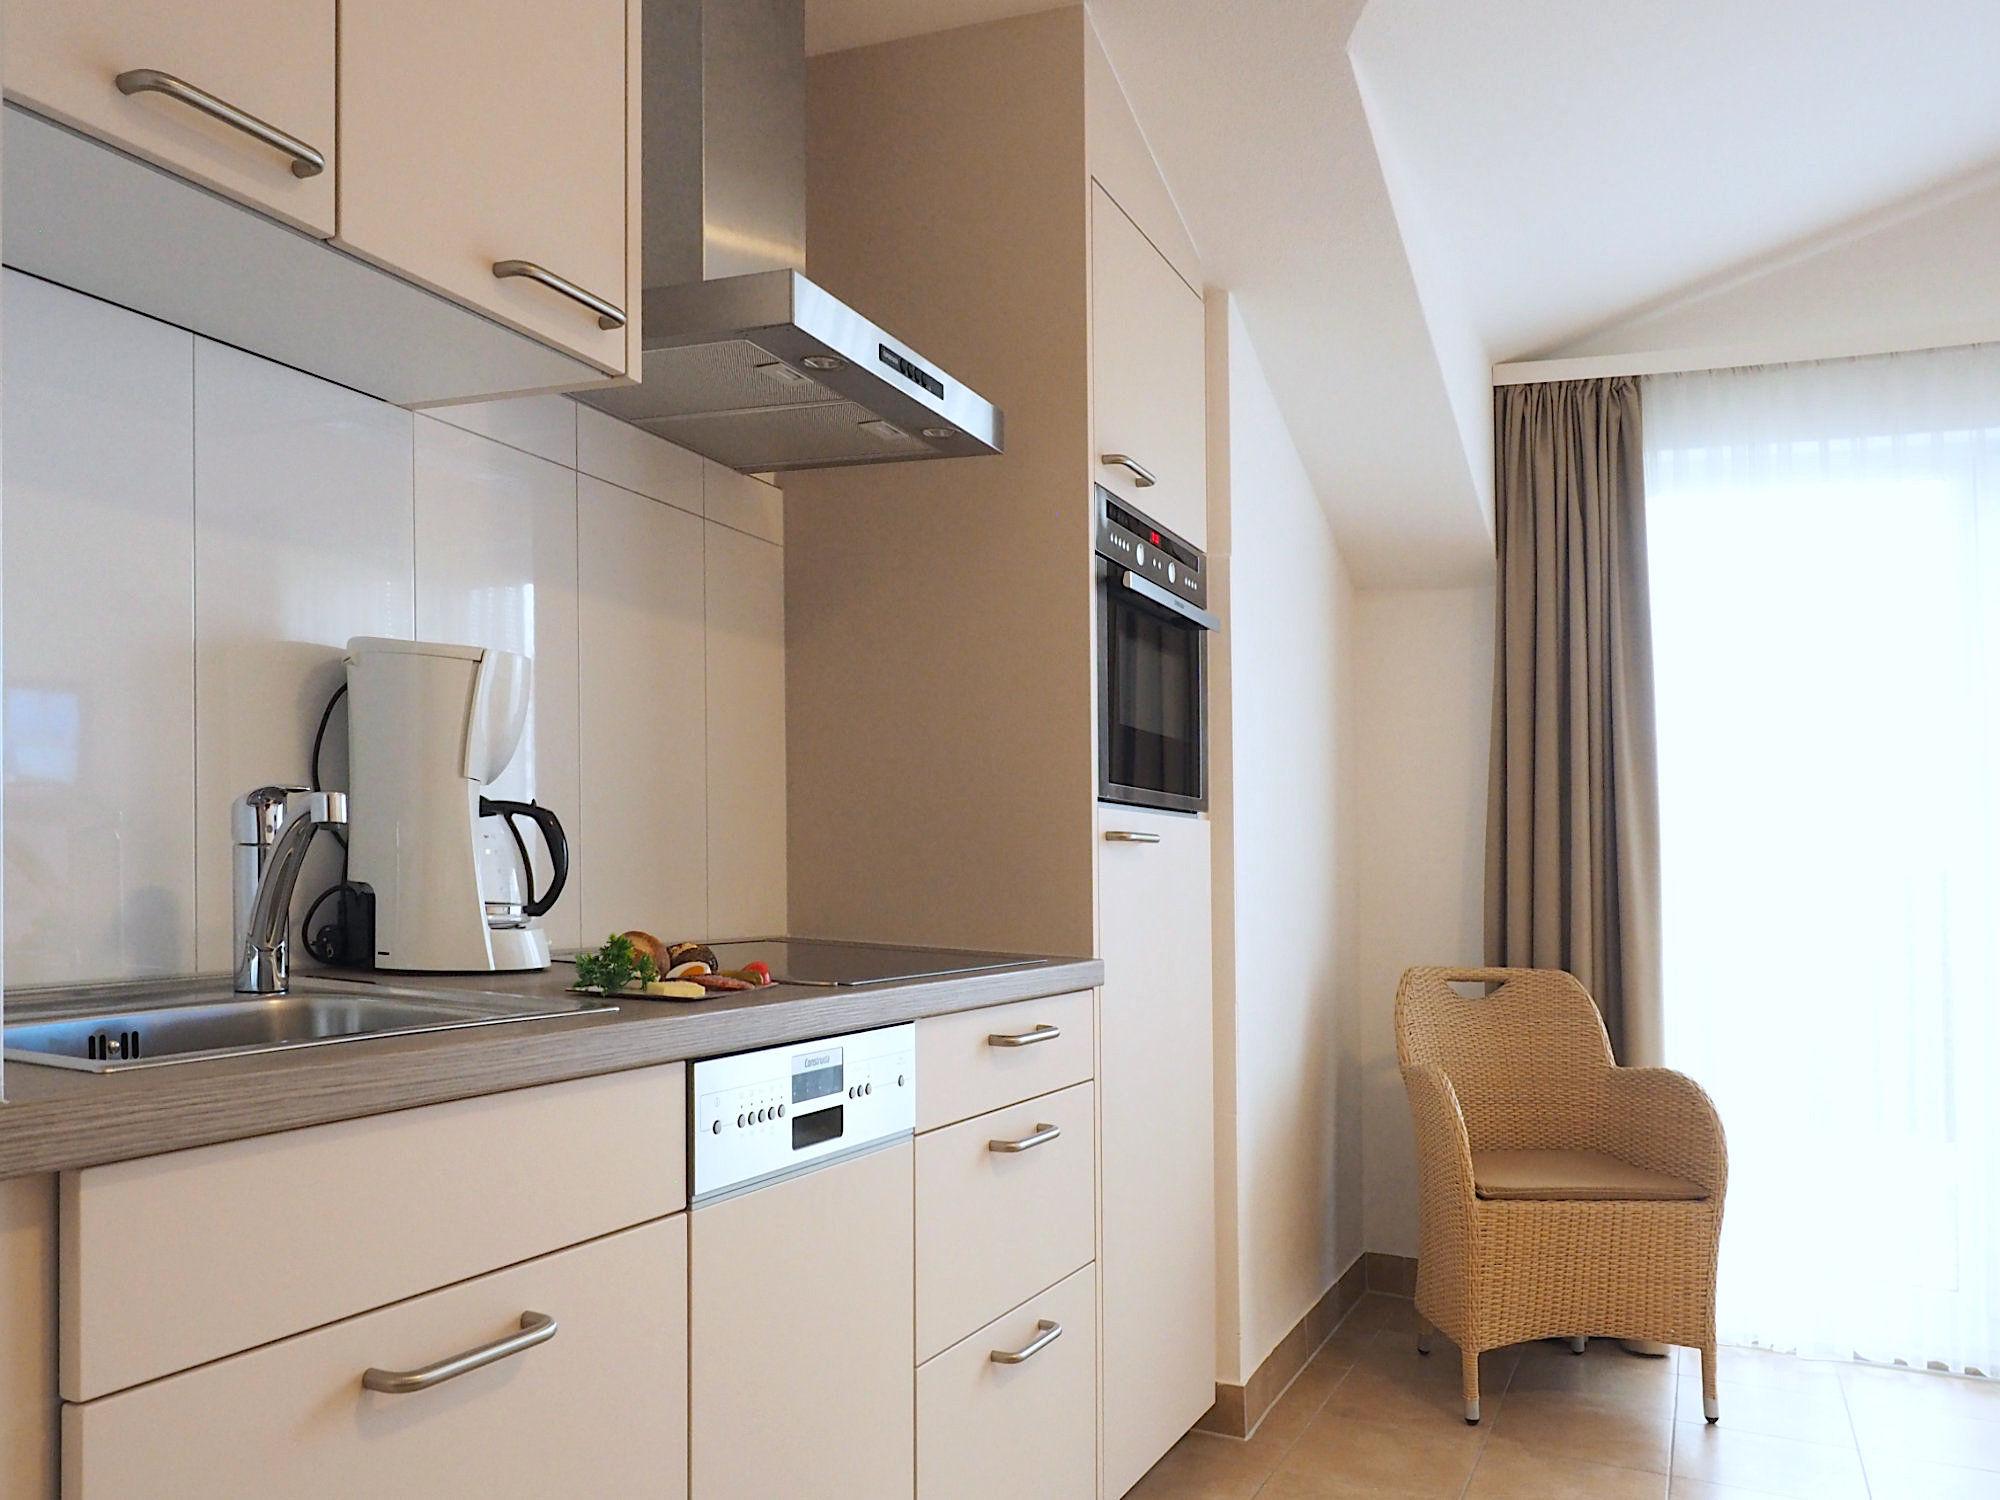 Moderne Küchenzeile mit elektrischen Geräten, rechts daneben bodentiefes Fenster